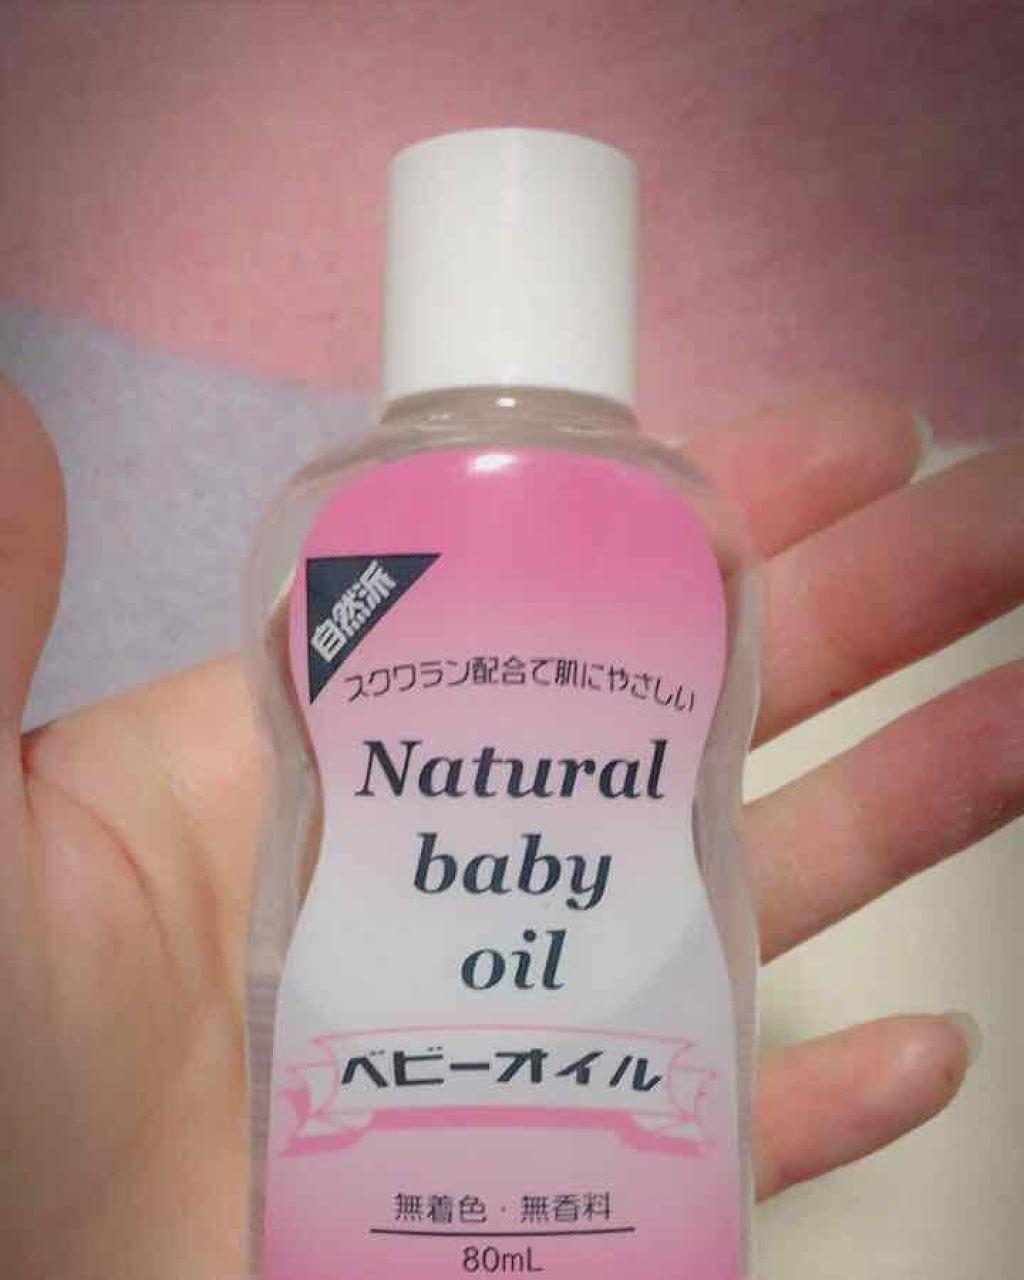 ザ・ダイソー Natural baby oil